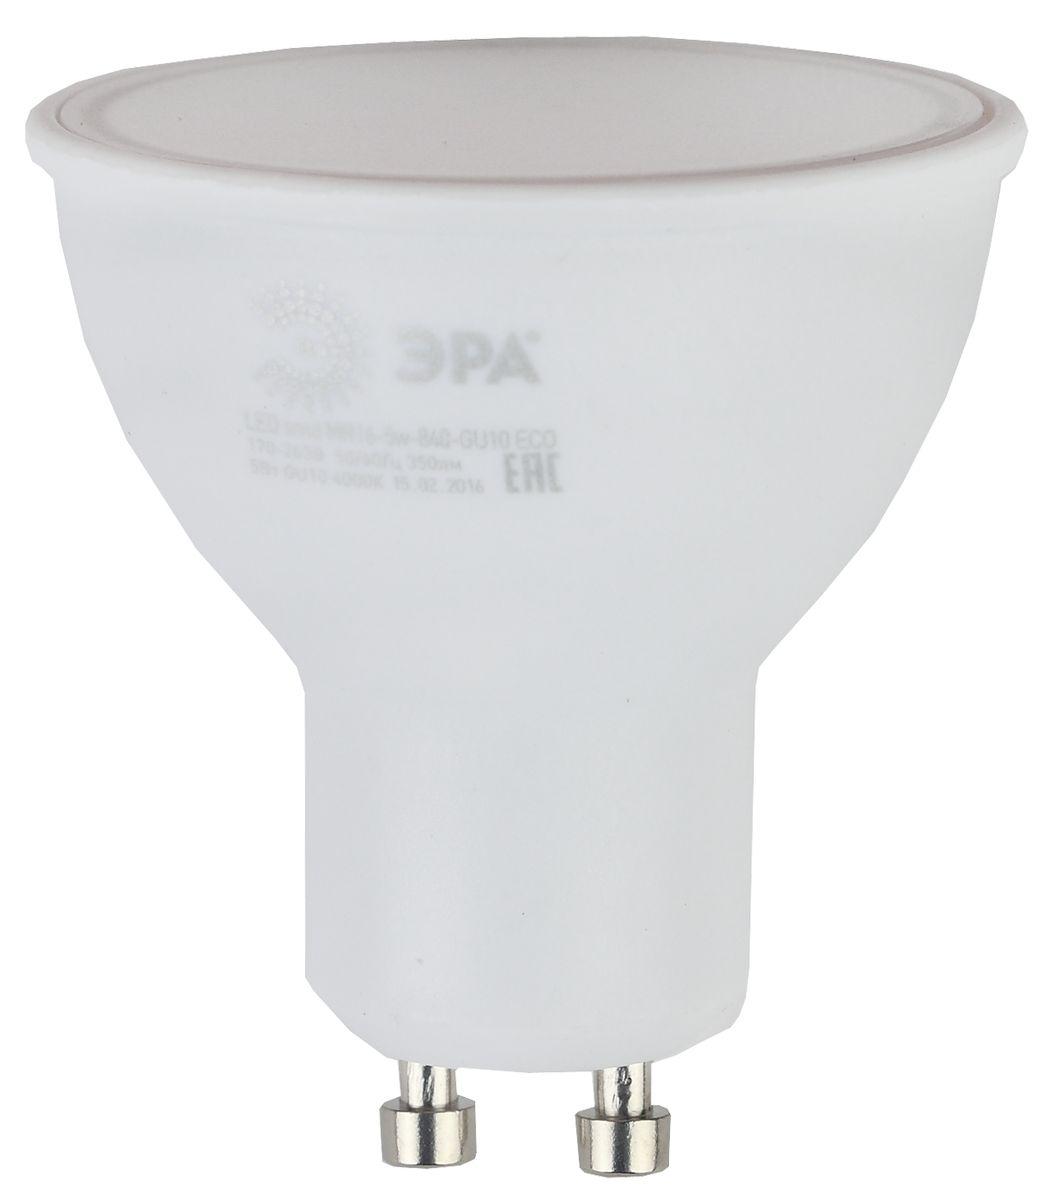 Лампа светодиодная ЭРА, цоколь GU10, 170-265V, 5W, 4000К. Б00190635055945536461Светодиодная лампа ЭРА является самым перспективным источником света. Основным преимуществом данного источника света является длительный срок службы и очень низкое энергопотребление, так, например, по сравнению с обычной лампой накаливания светодиодная лампа служит в среднем в 50 раз дольше и потребляет в 10-15 раз меньше электроэнергии. При этом светодиодная лампа практически не подвержена механическому воздействию из-за прочной конструкции и позволяет получить любой цвет светового потока, что, несомненно, расширяет возможности применения и позволяет создавать новые решения в области освещения.Особенности серии Eco:Предназначена для обычного потребителяЦена ниже, чем цена компактной люминесцентной лампыСветовая отдача источников света - 70-80 лм/ВтСрок службы составляет 25000 часовГарантия - 1 год. Работа в цепи с выключателем с подсветкой не рекомендована.